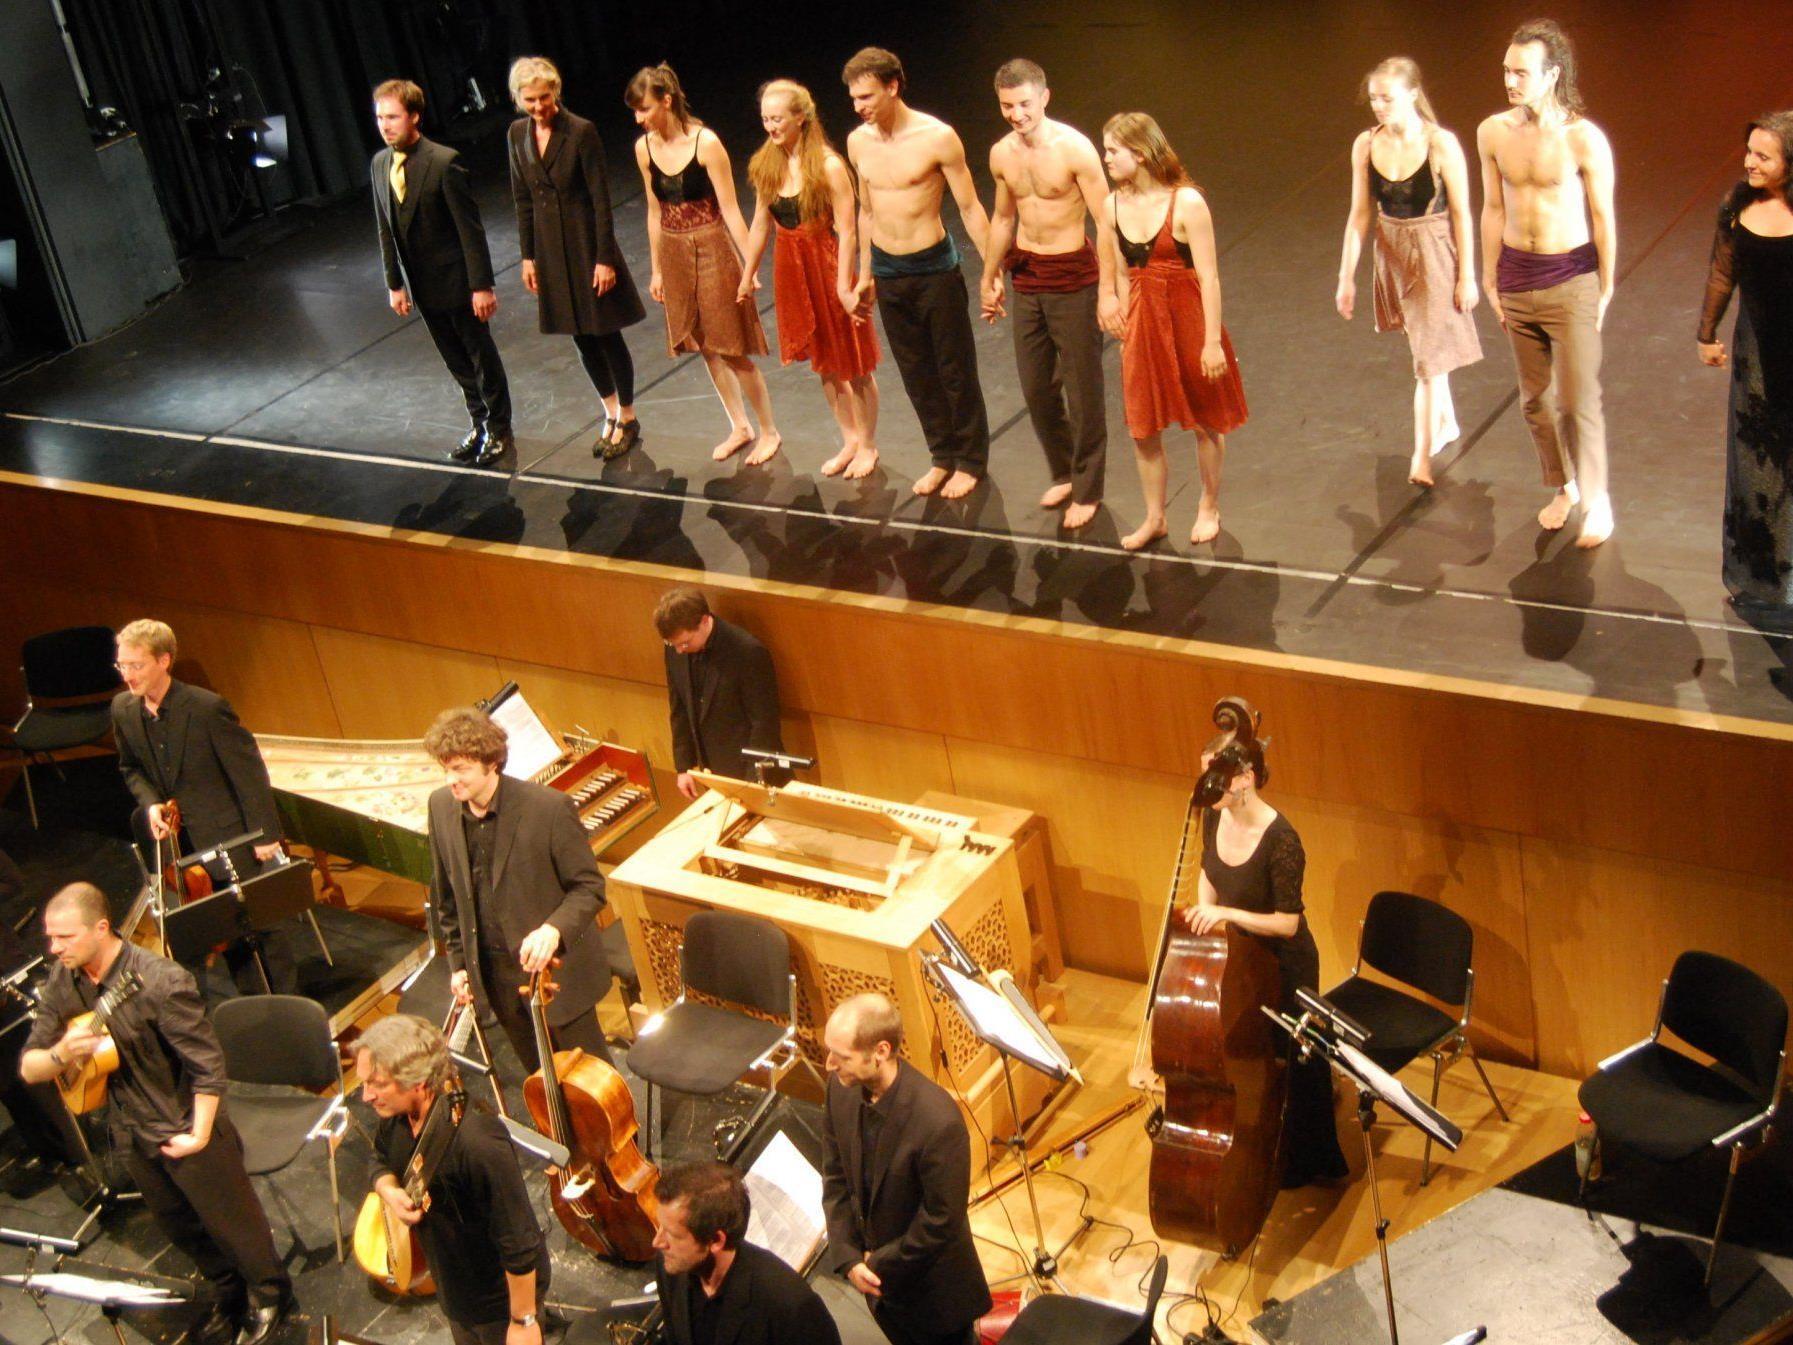 Schlussapplaus für Musiker, Gesangssolisten und die Tanzcompany (Rose Breuss, 2. v. l. auf der Bühne).